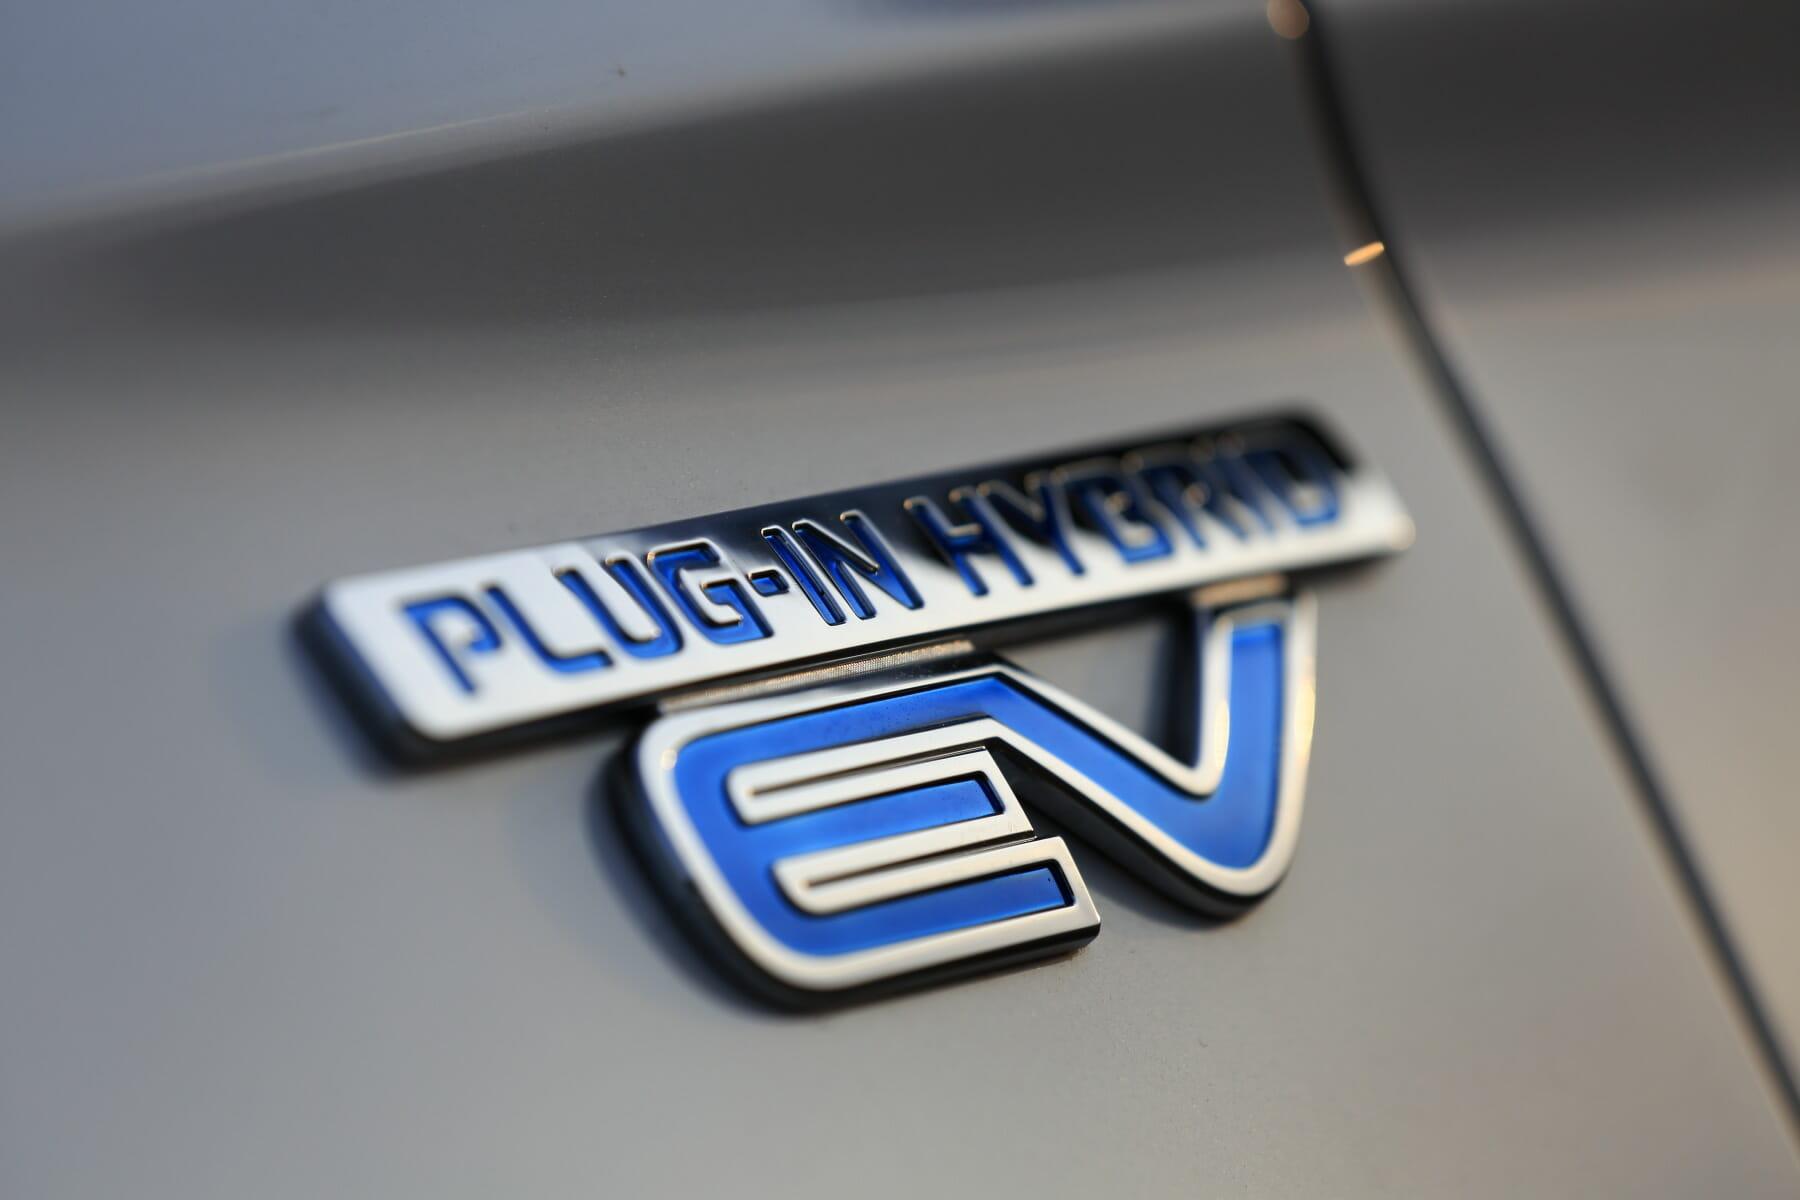 じつはPHEVの世界的ベンチマーク 完熟フェイズの三菱アウトランダーPHEVに試乗 | EVsmartブログ